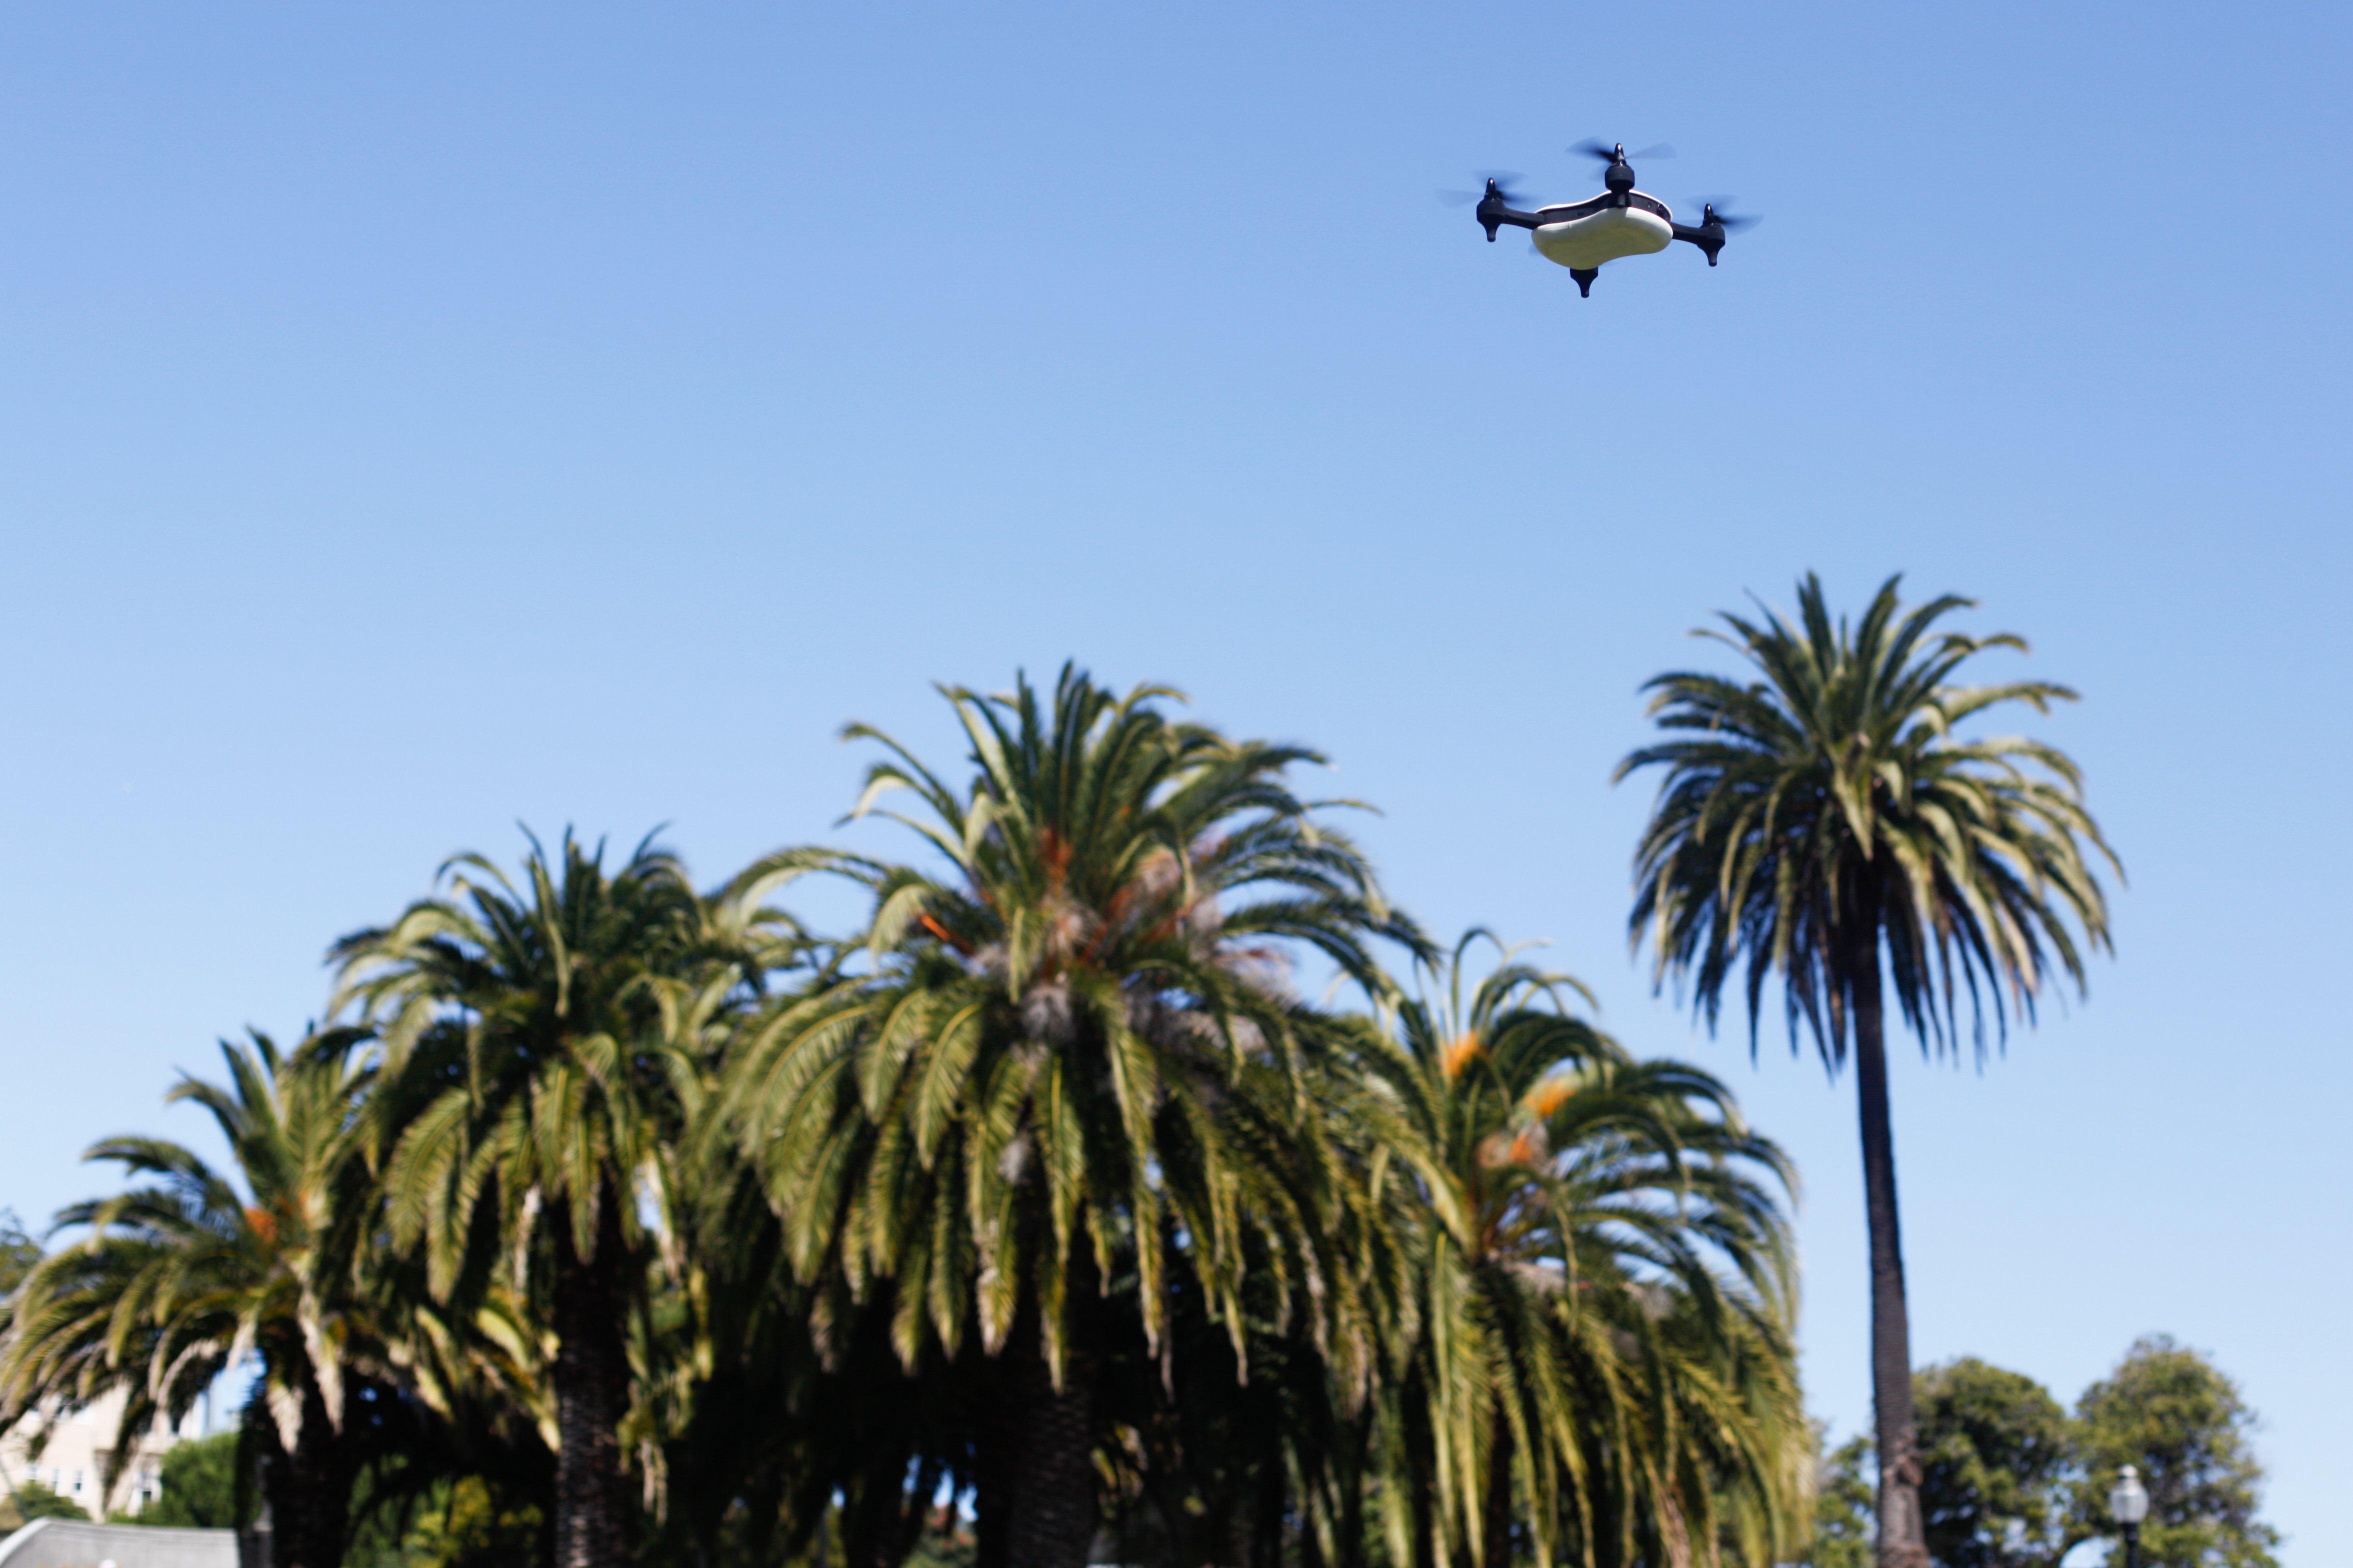 drone sightings teal